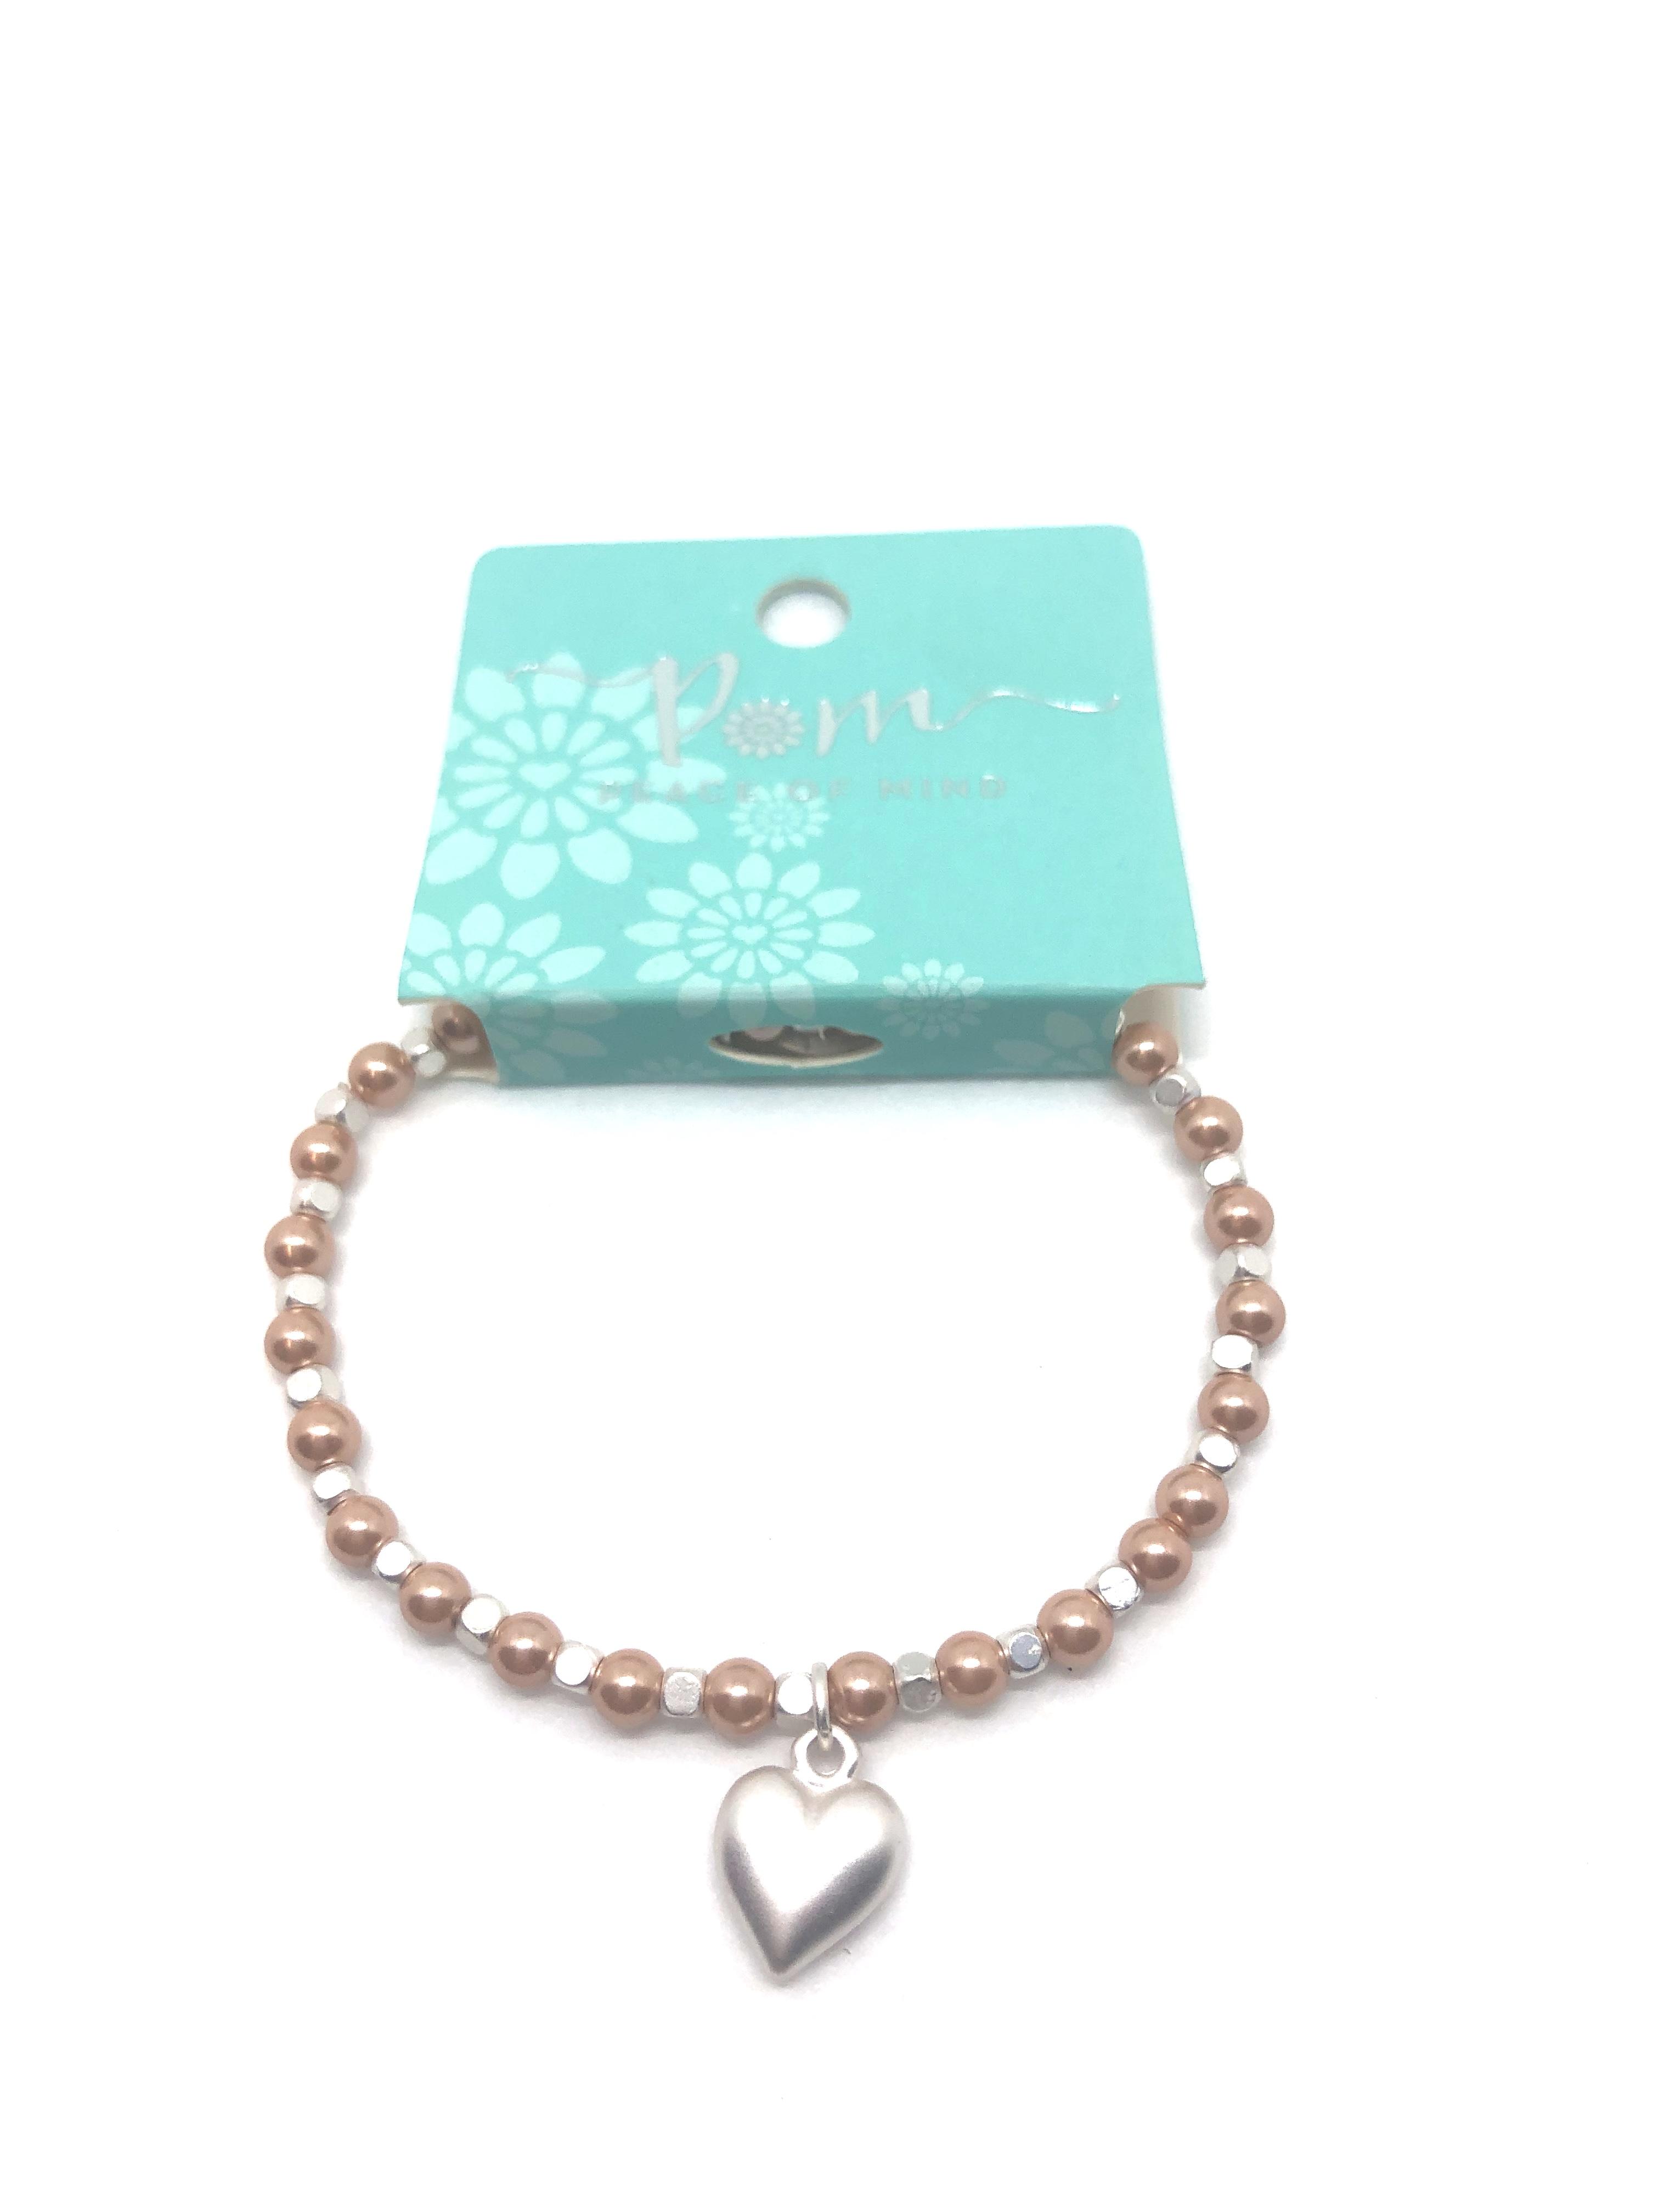 Bracelet (Pom) Matt Silver Heart on Mink Pearl & Silver Bead